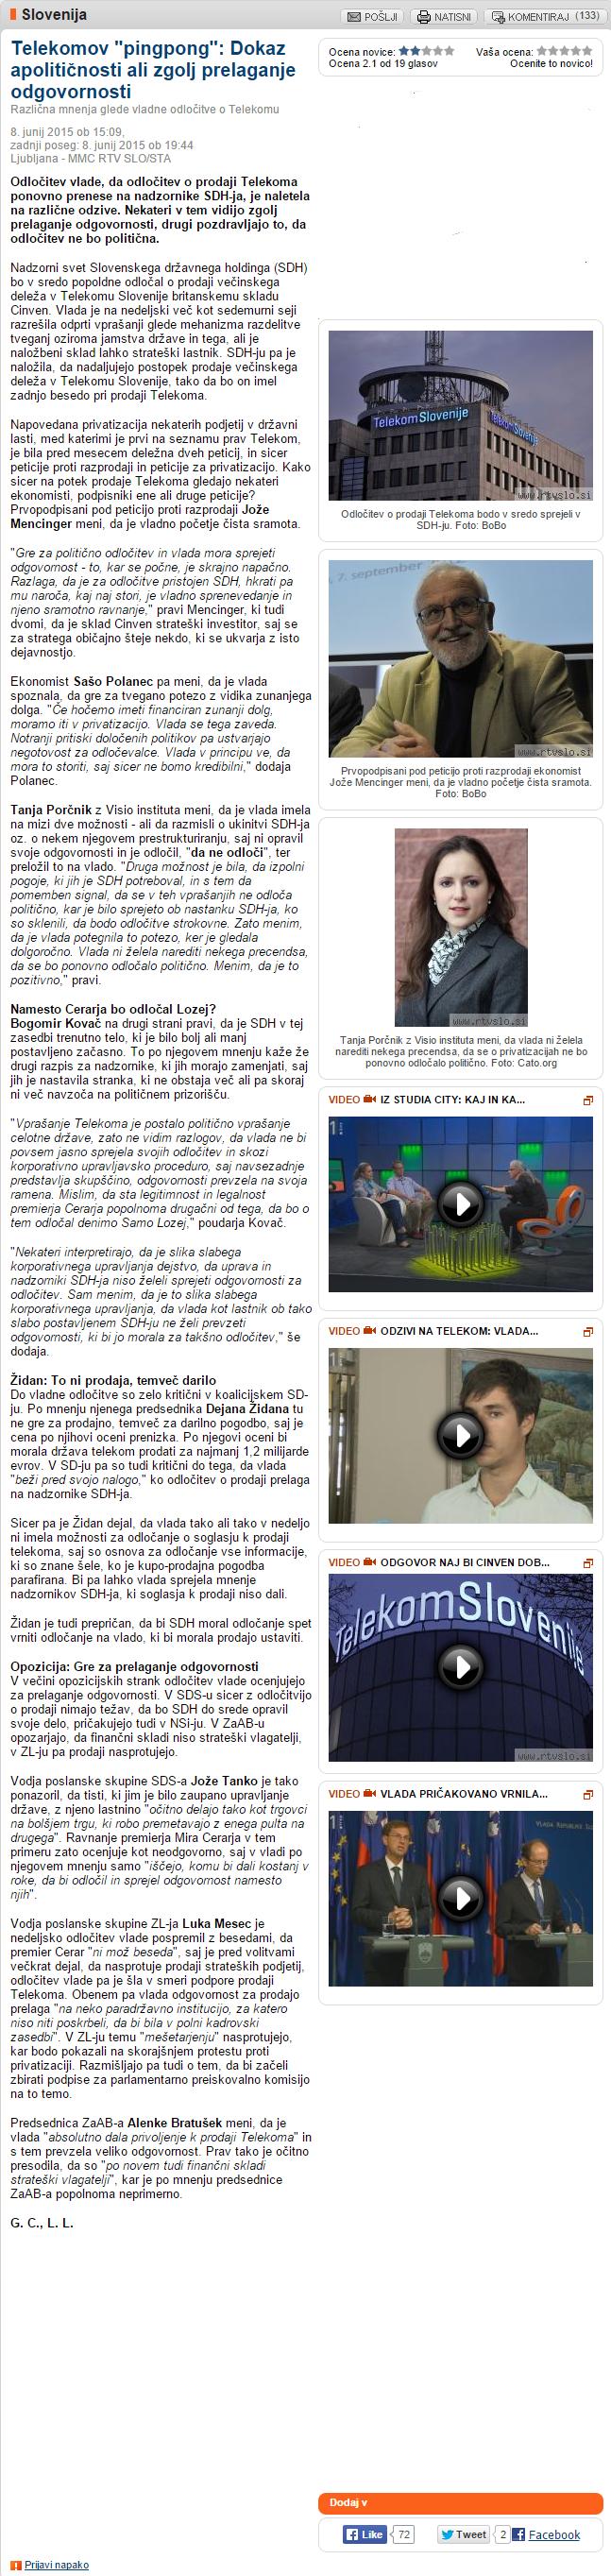 screencapture-www-rtvslo-si-slovenija-telekomov-pingpong-dokaz-apoliticnosti-ali-zgolj-prelaganje-odgovornosti-367035-1435923039046